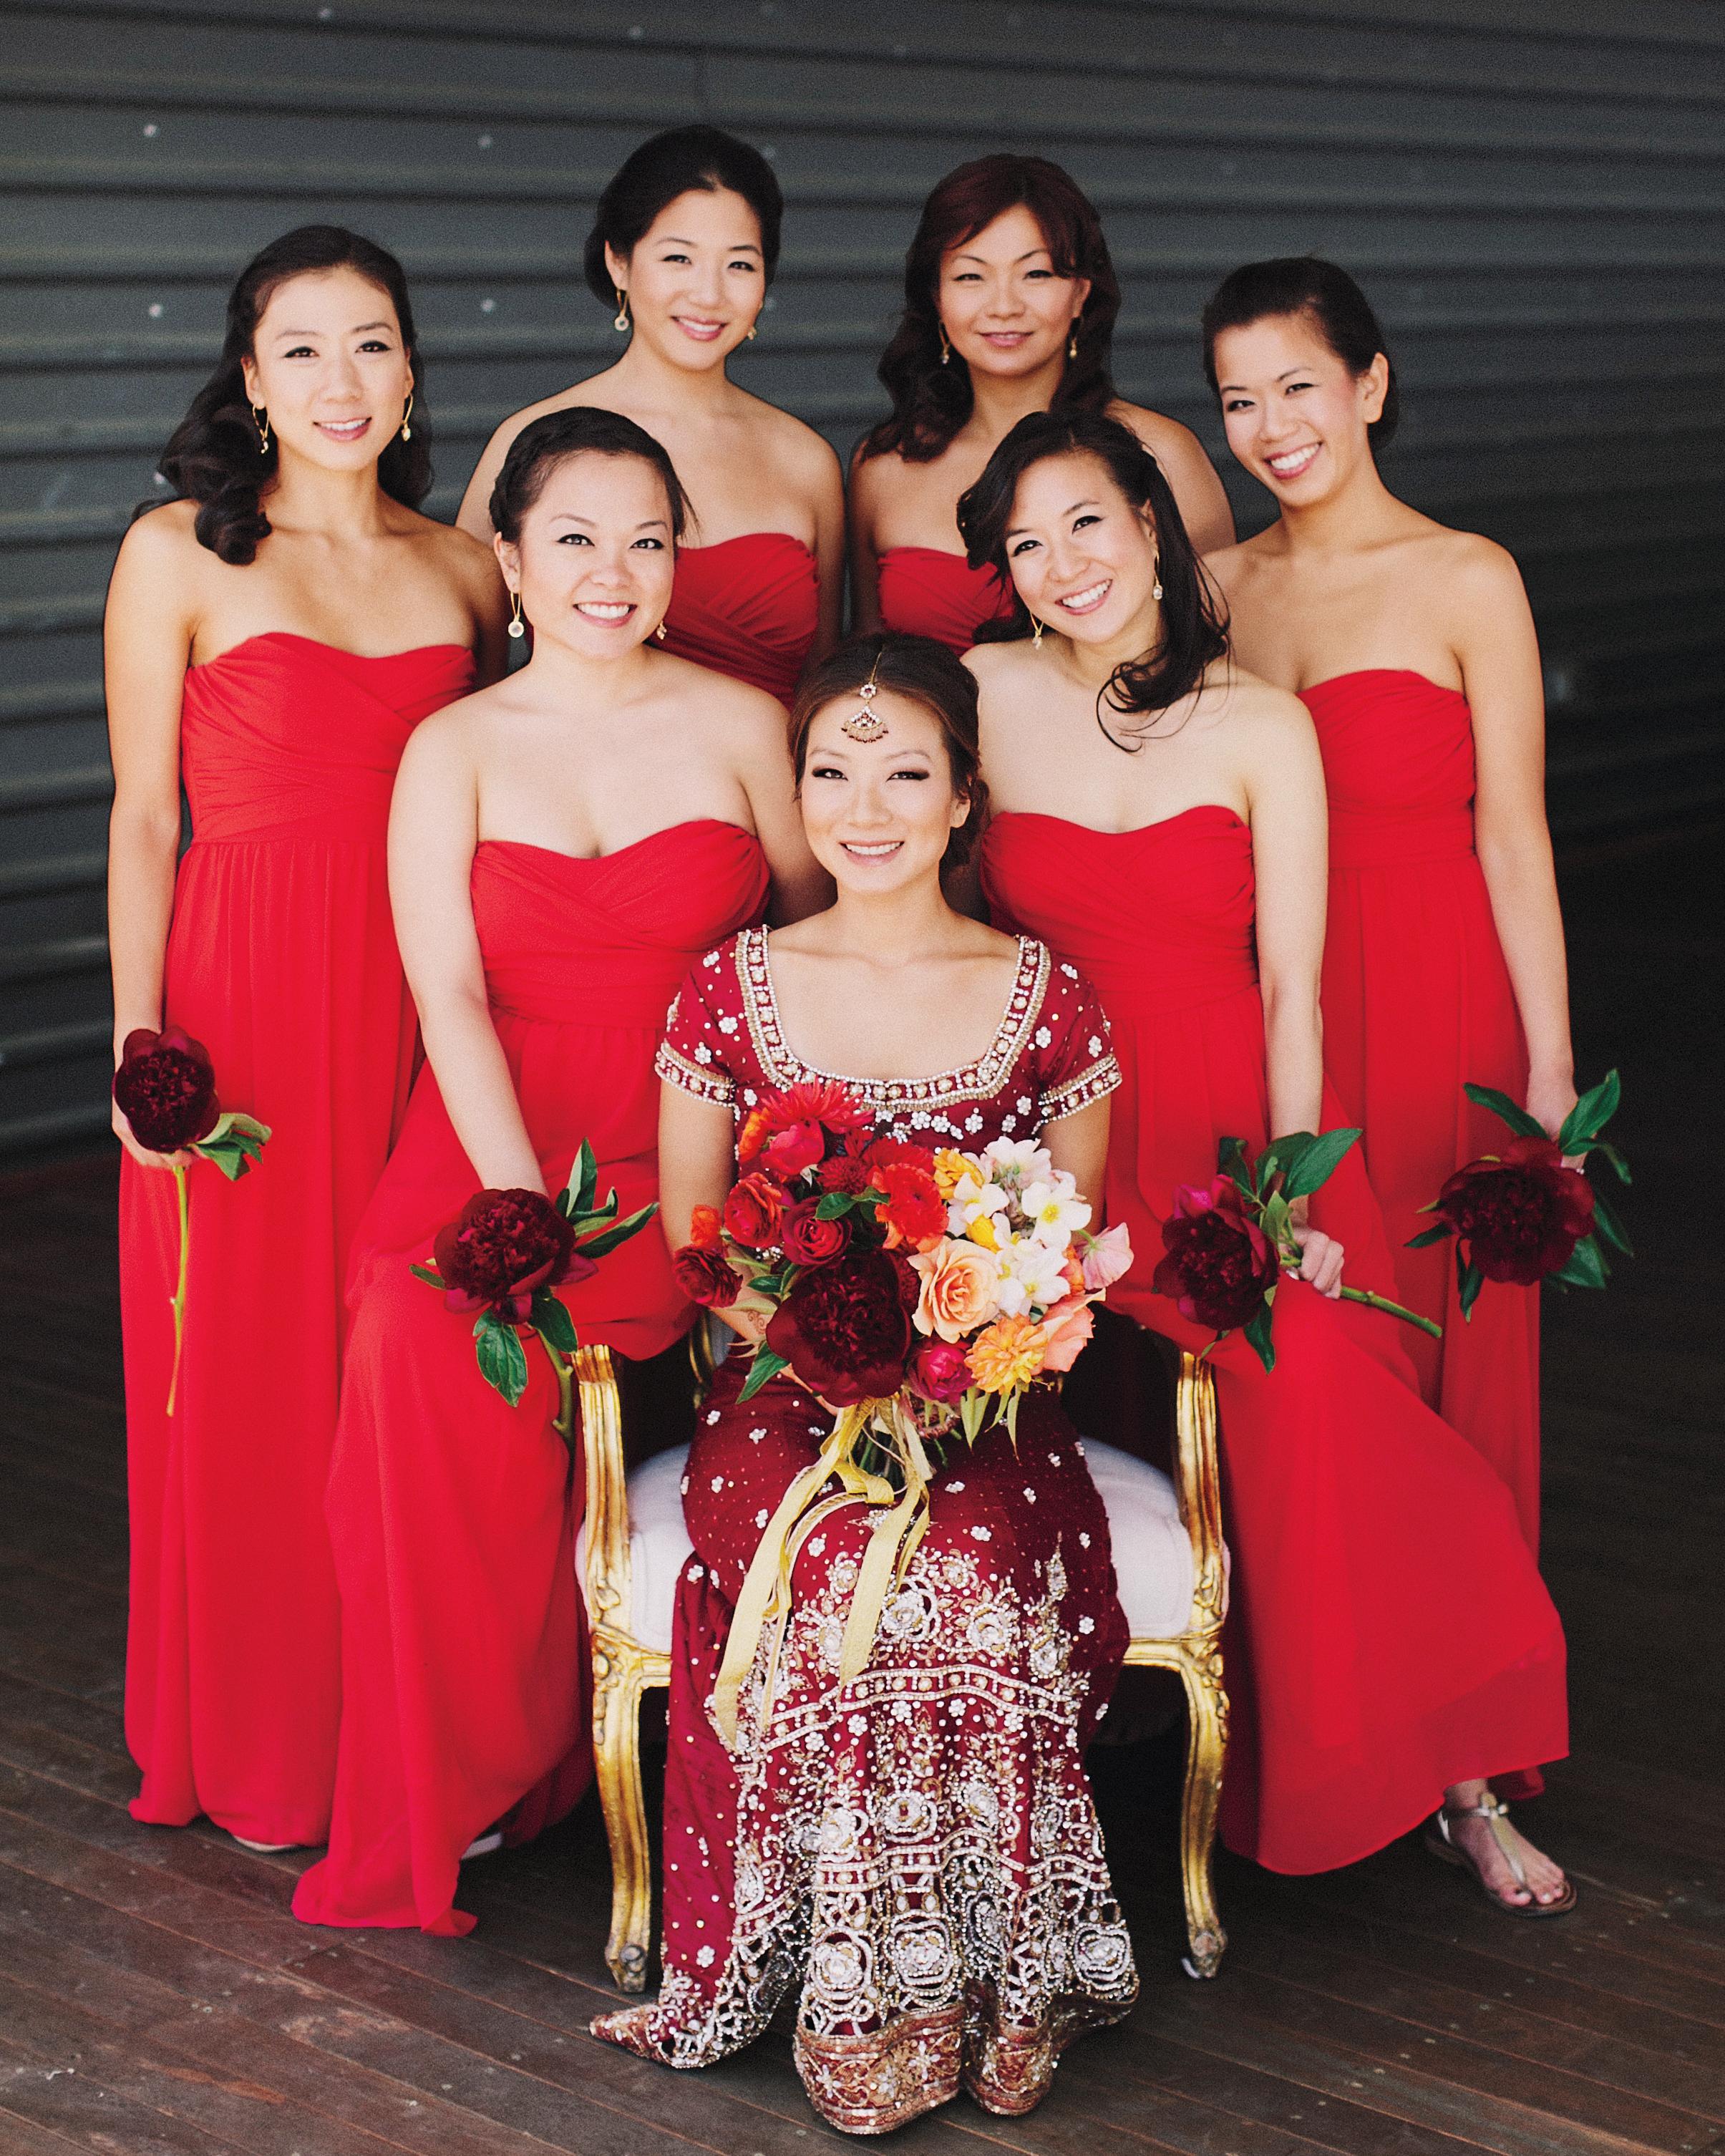 wd111100-prem-judy-wedding-132.jpg